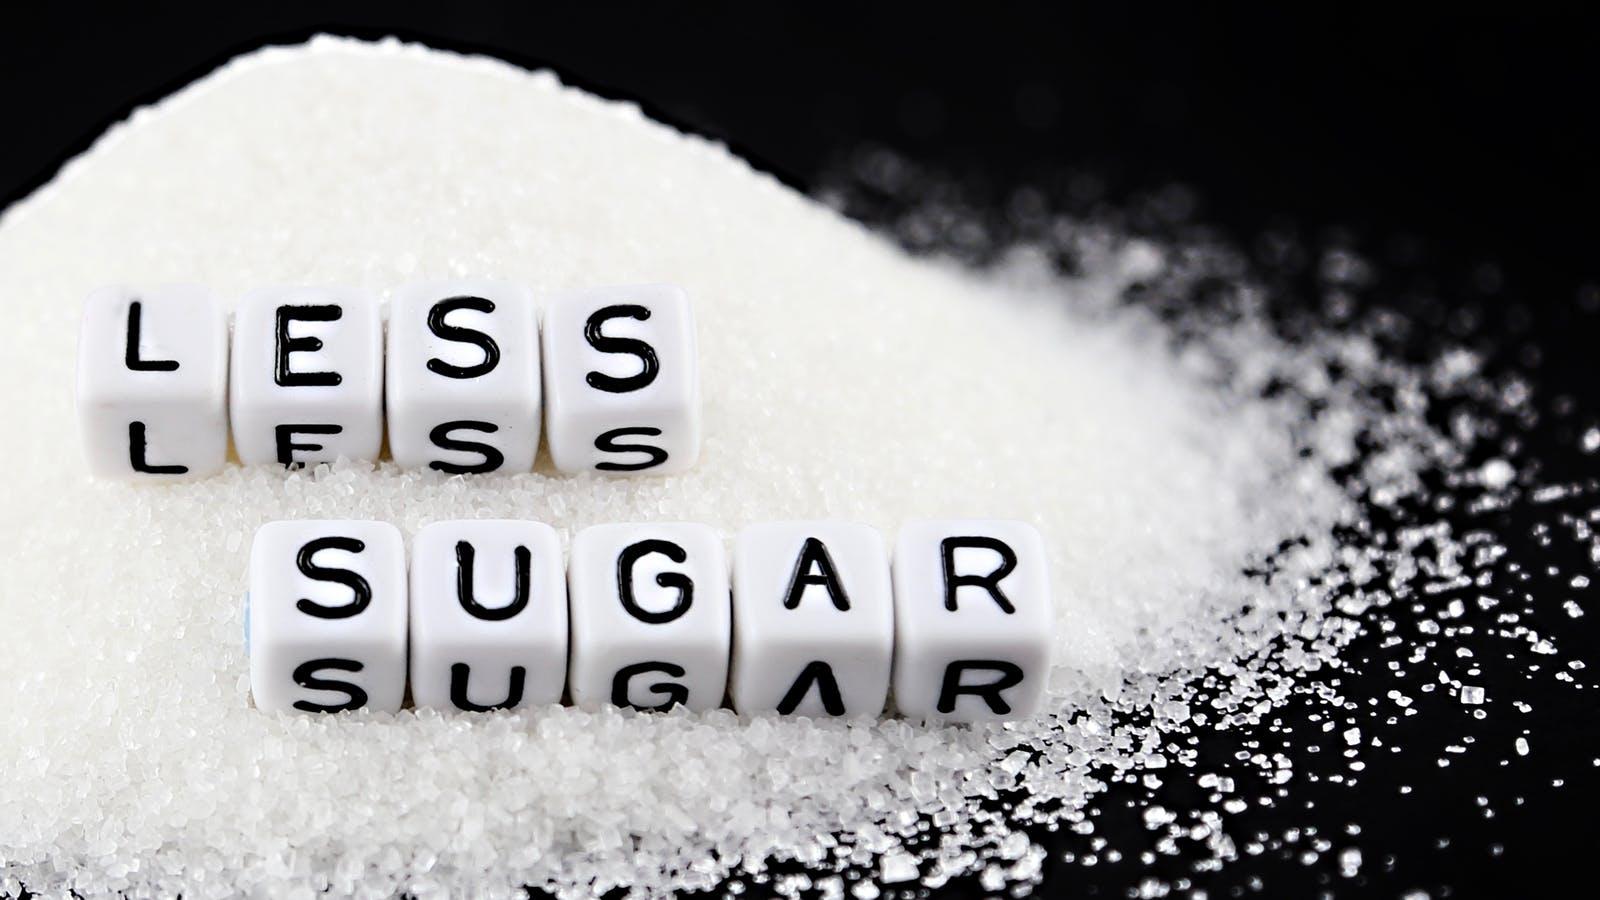 Giảm tiêu thụ các thực phẩm nhiều đường